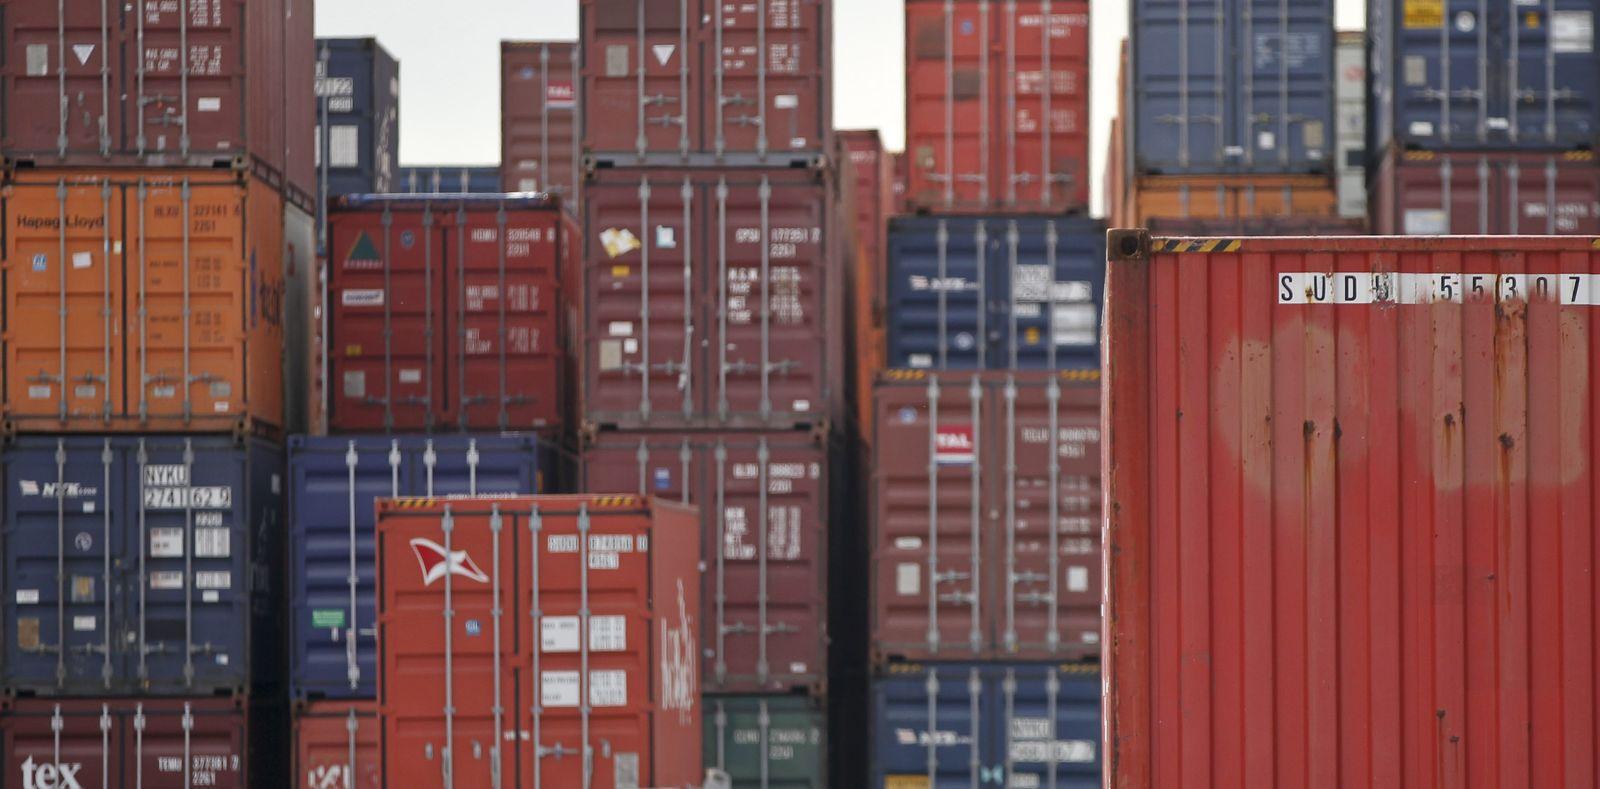 NICHT VERWENDEN container